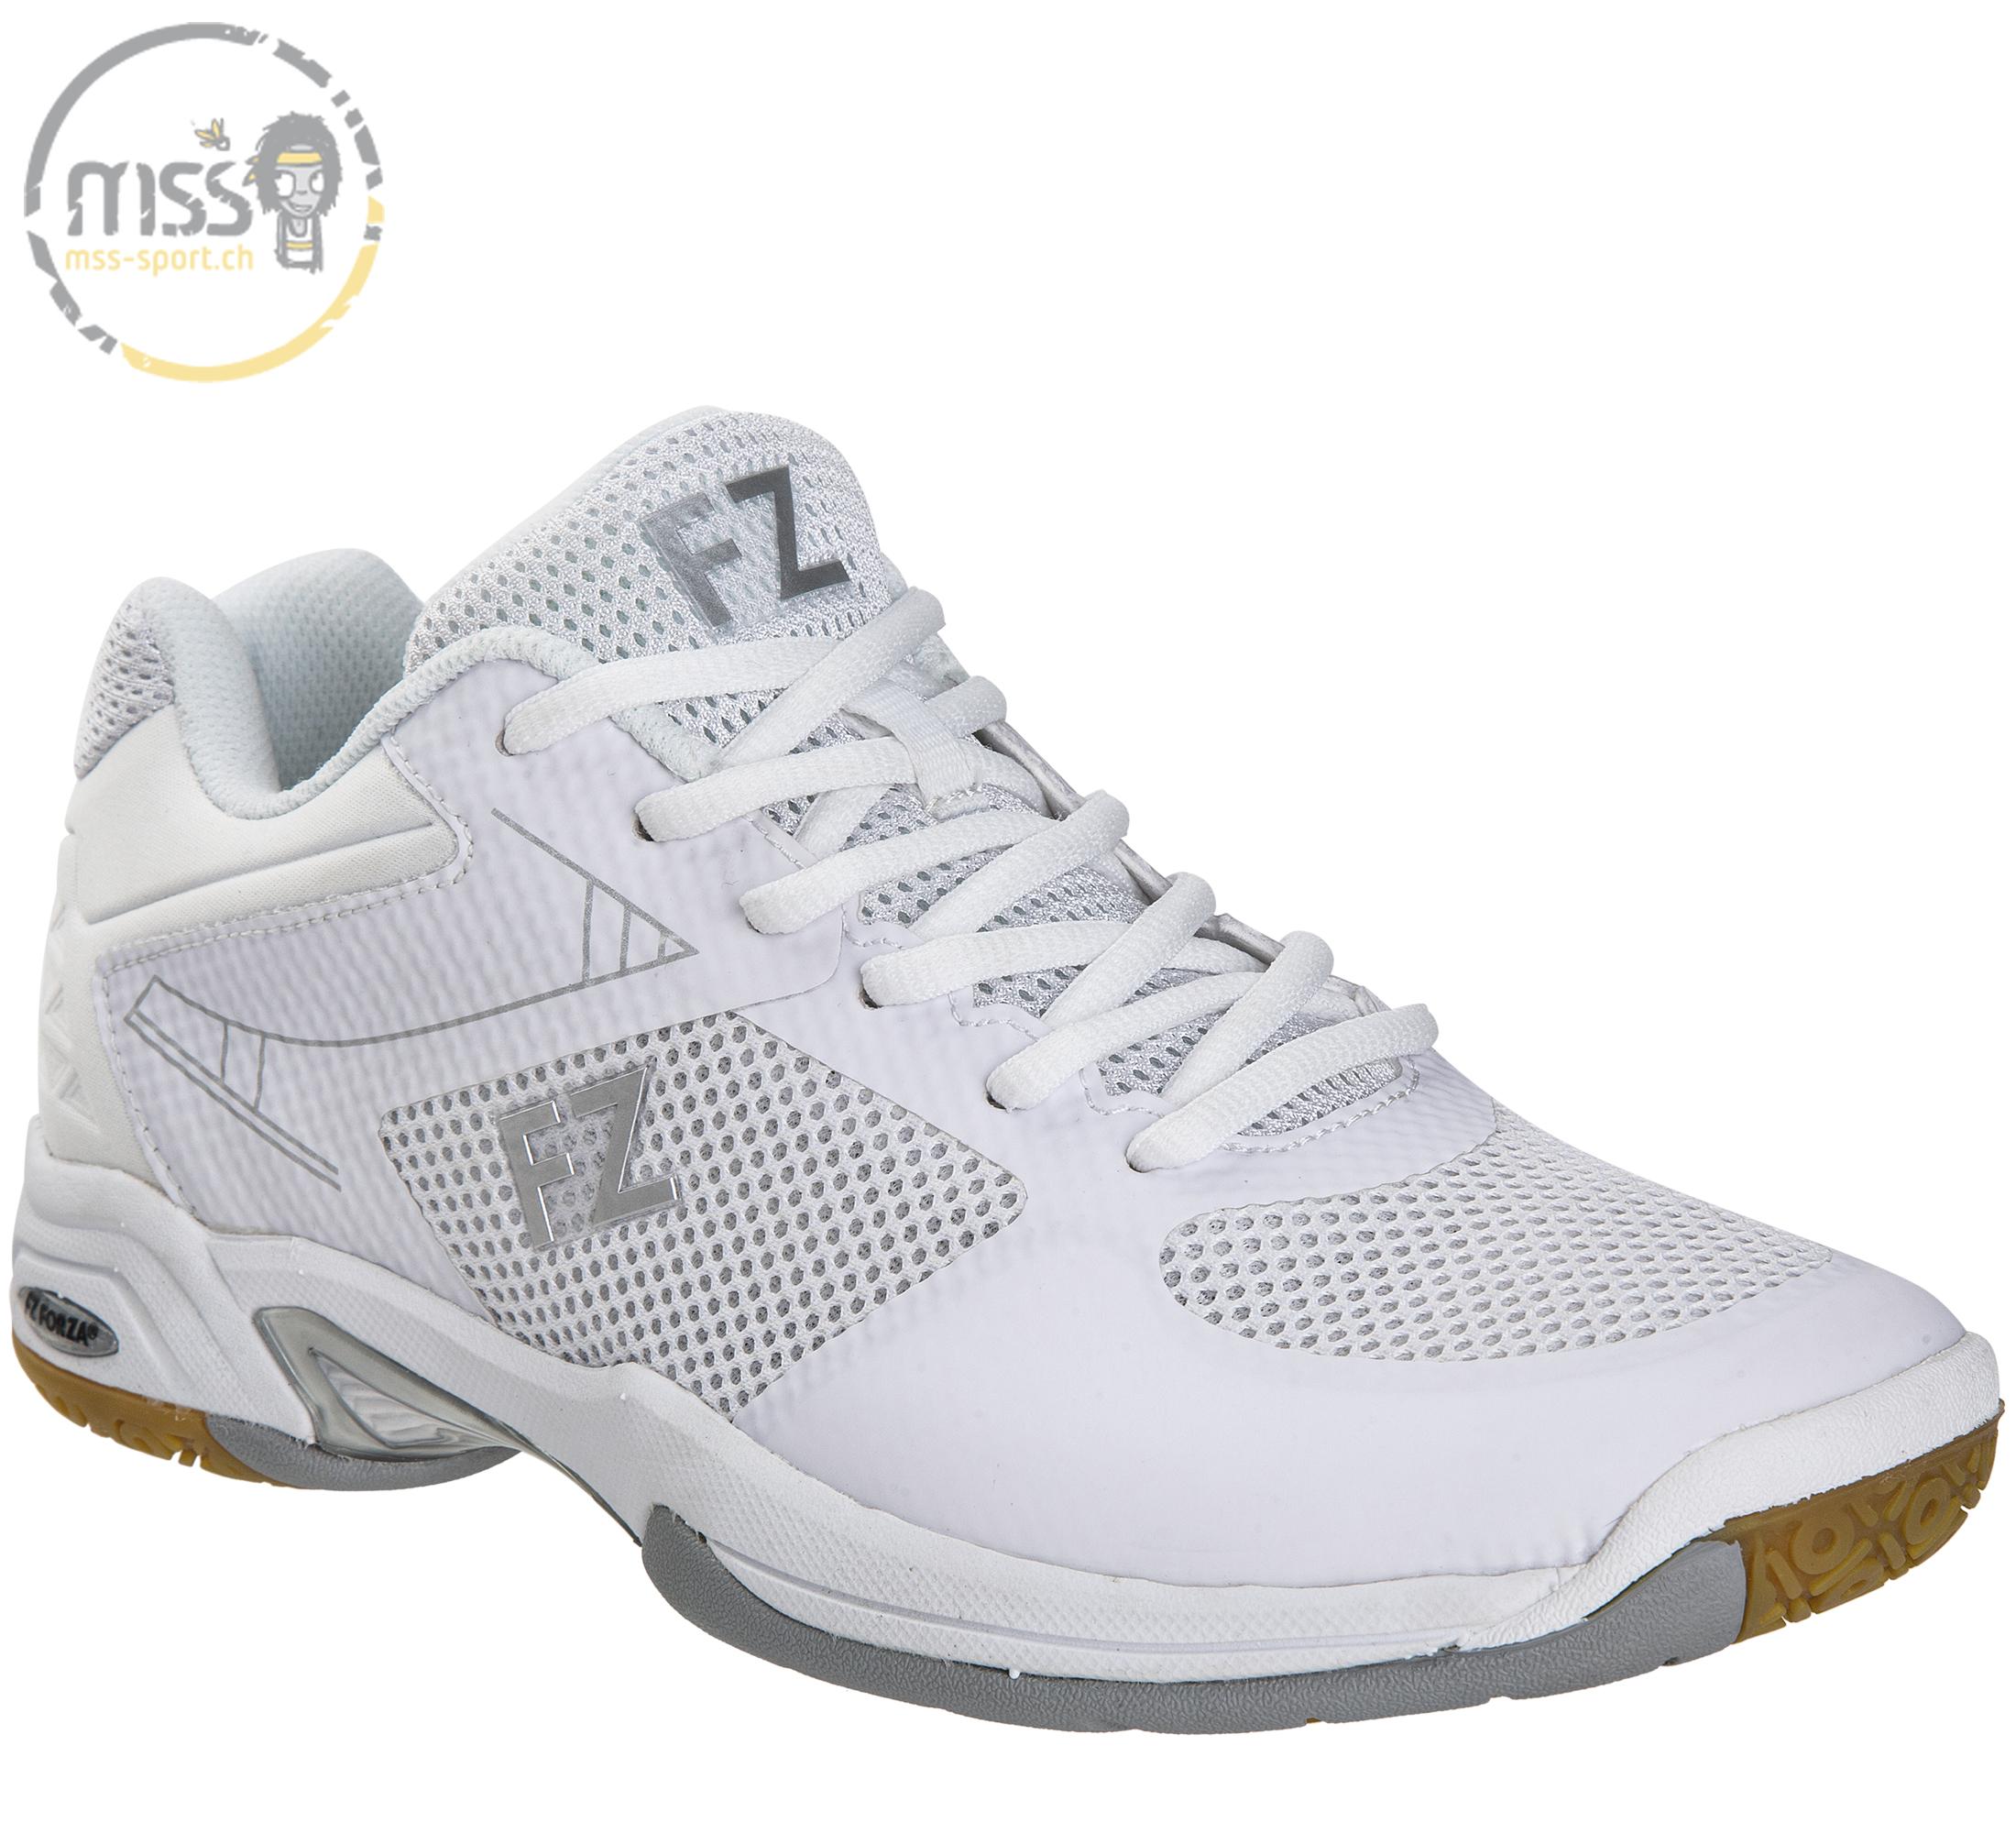 Forza Fierce V2 white